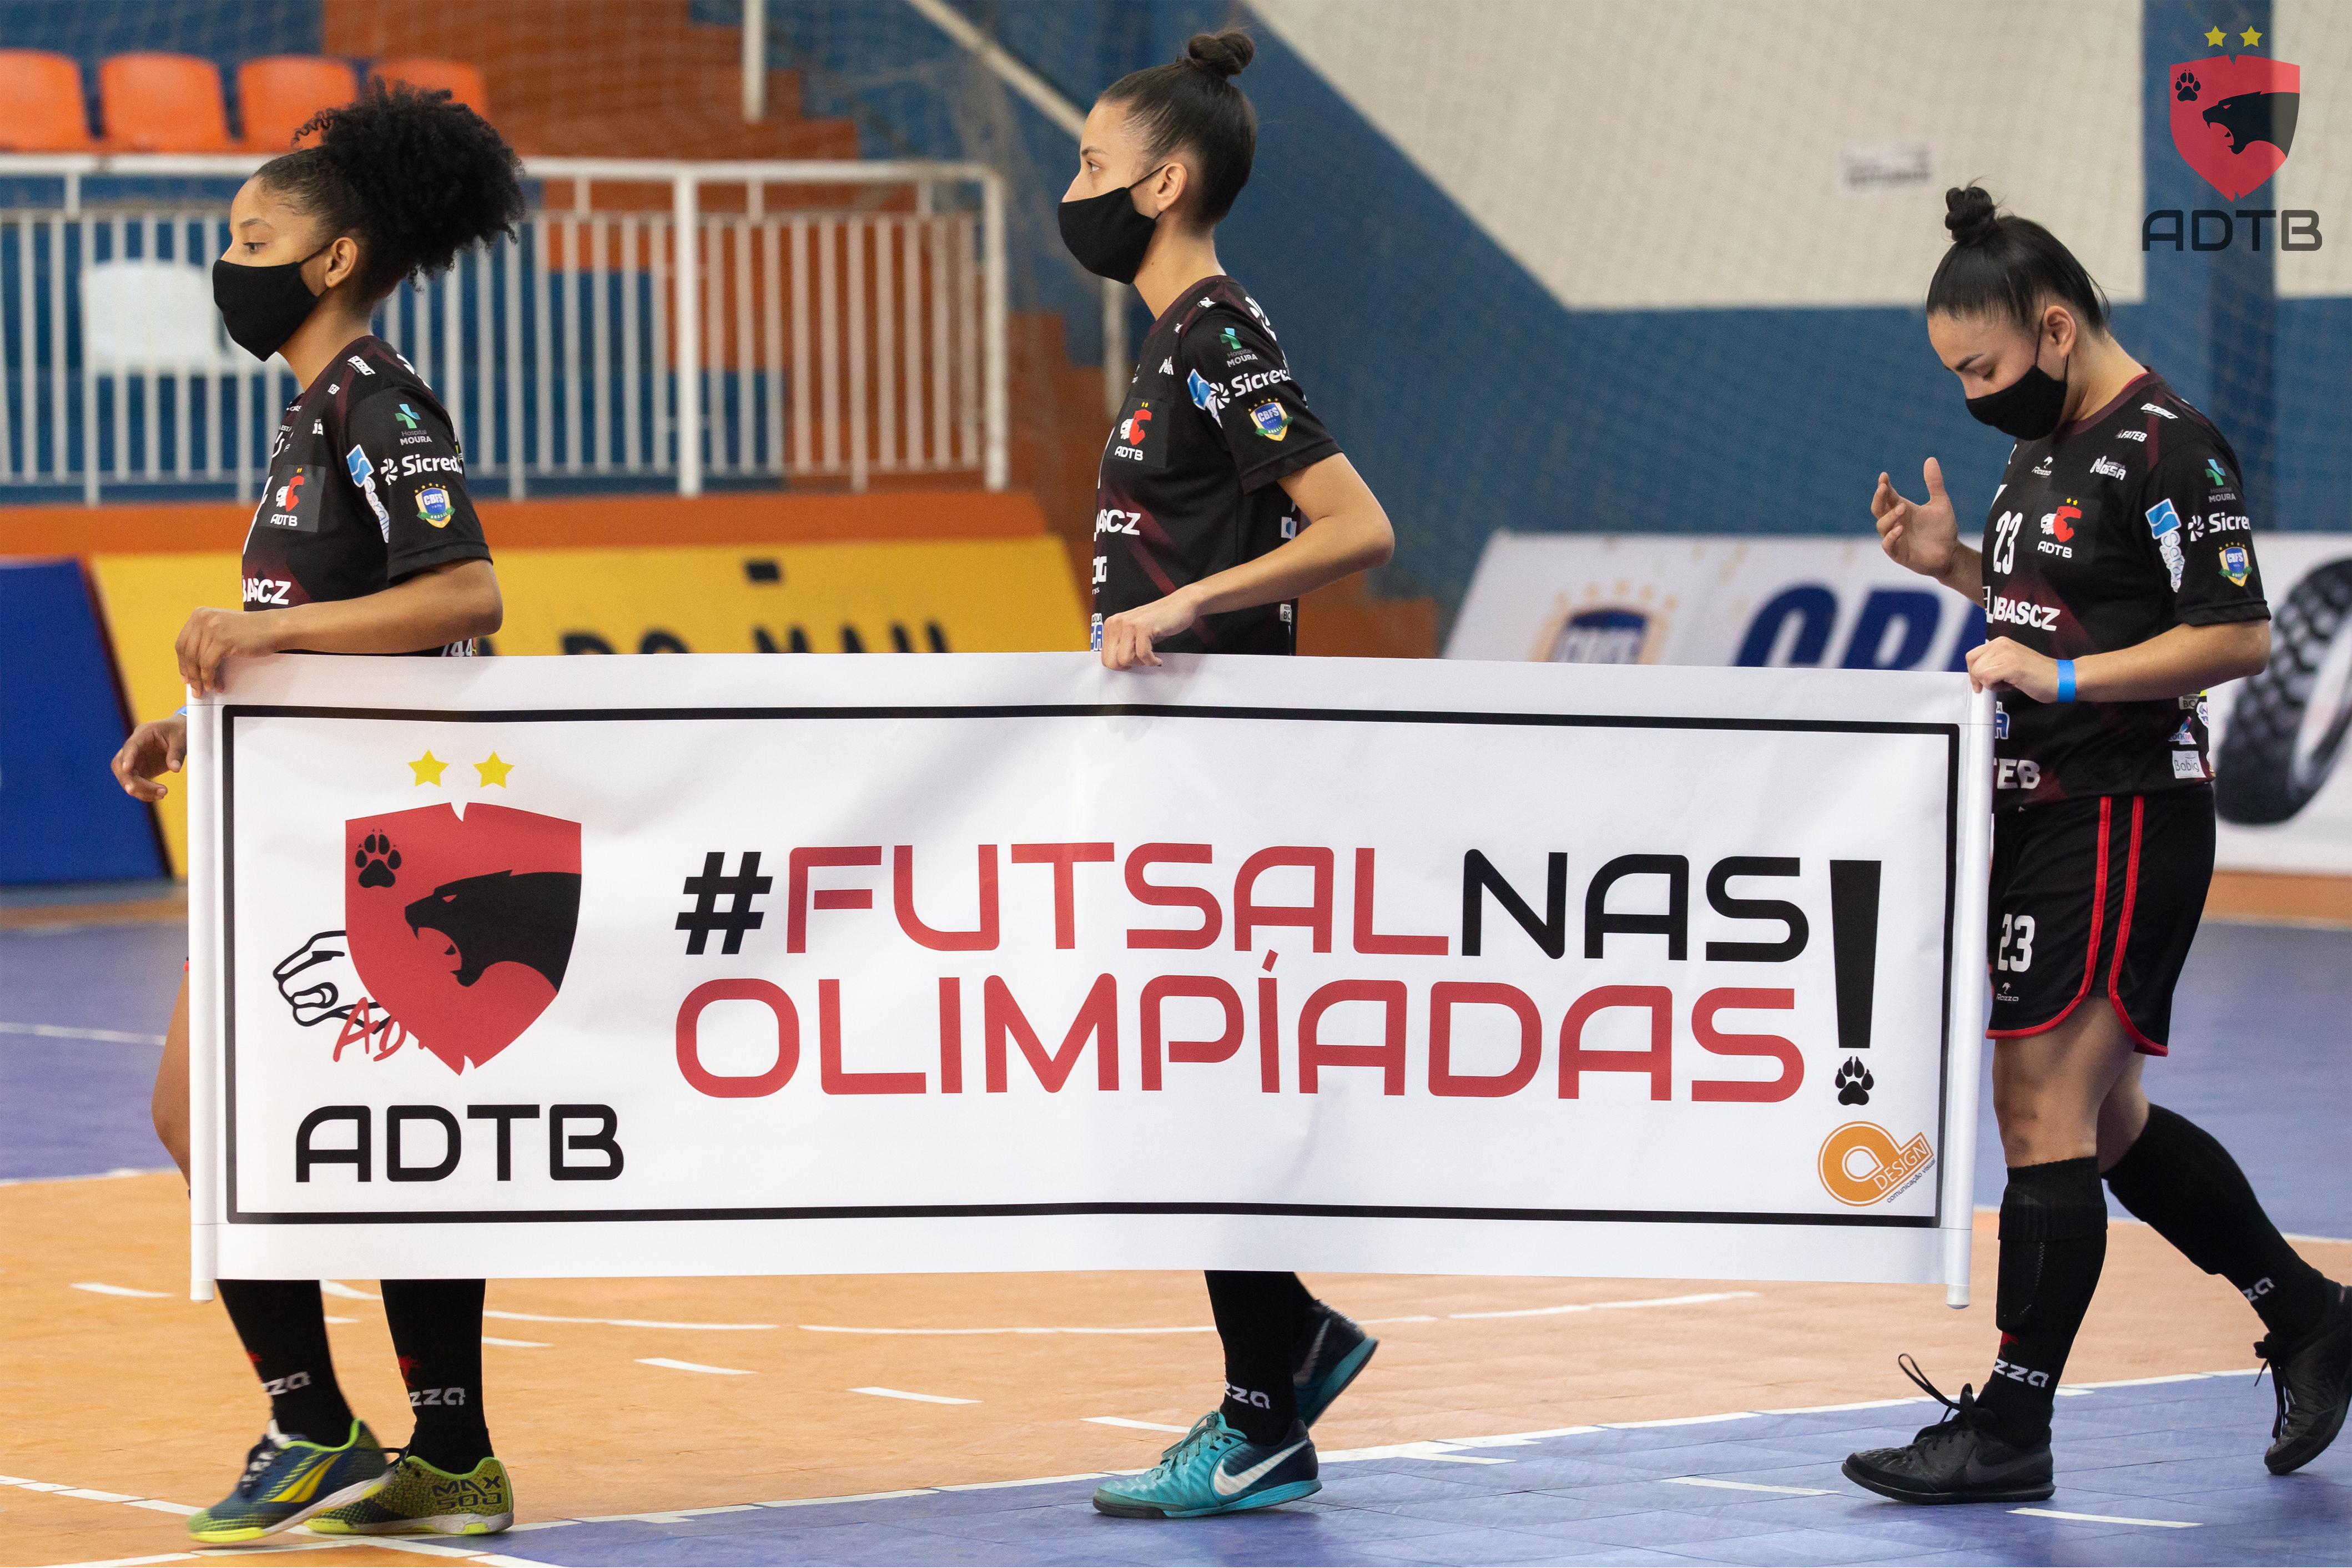 #FUTSALNASOLIMPÍADAS ADTB pede inclusão do futsal nos Jogos Olímpicos.